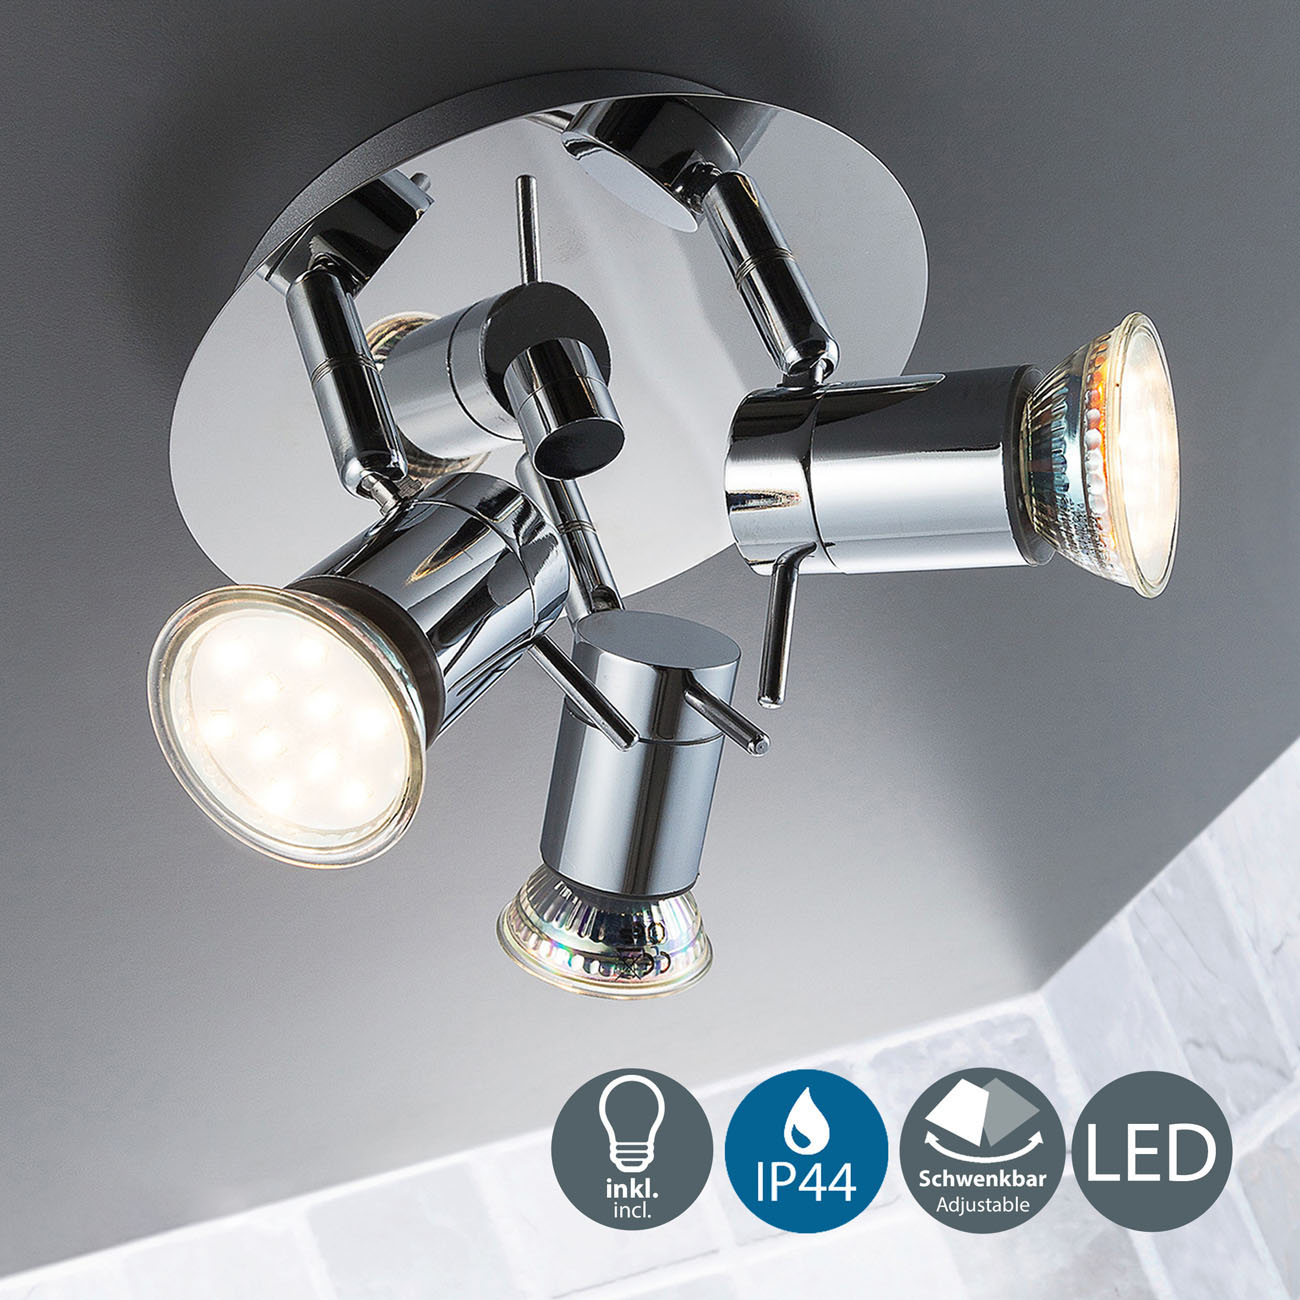 LED Deckenleuchte Badleuchte 3-flammig IPP44 glänzend - 3